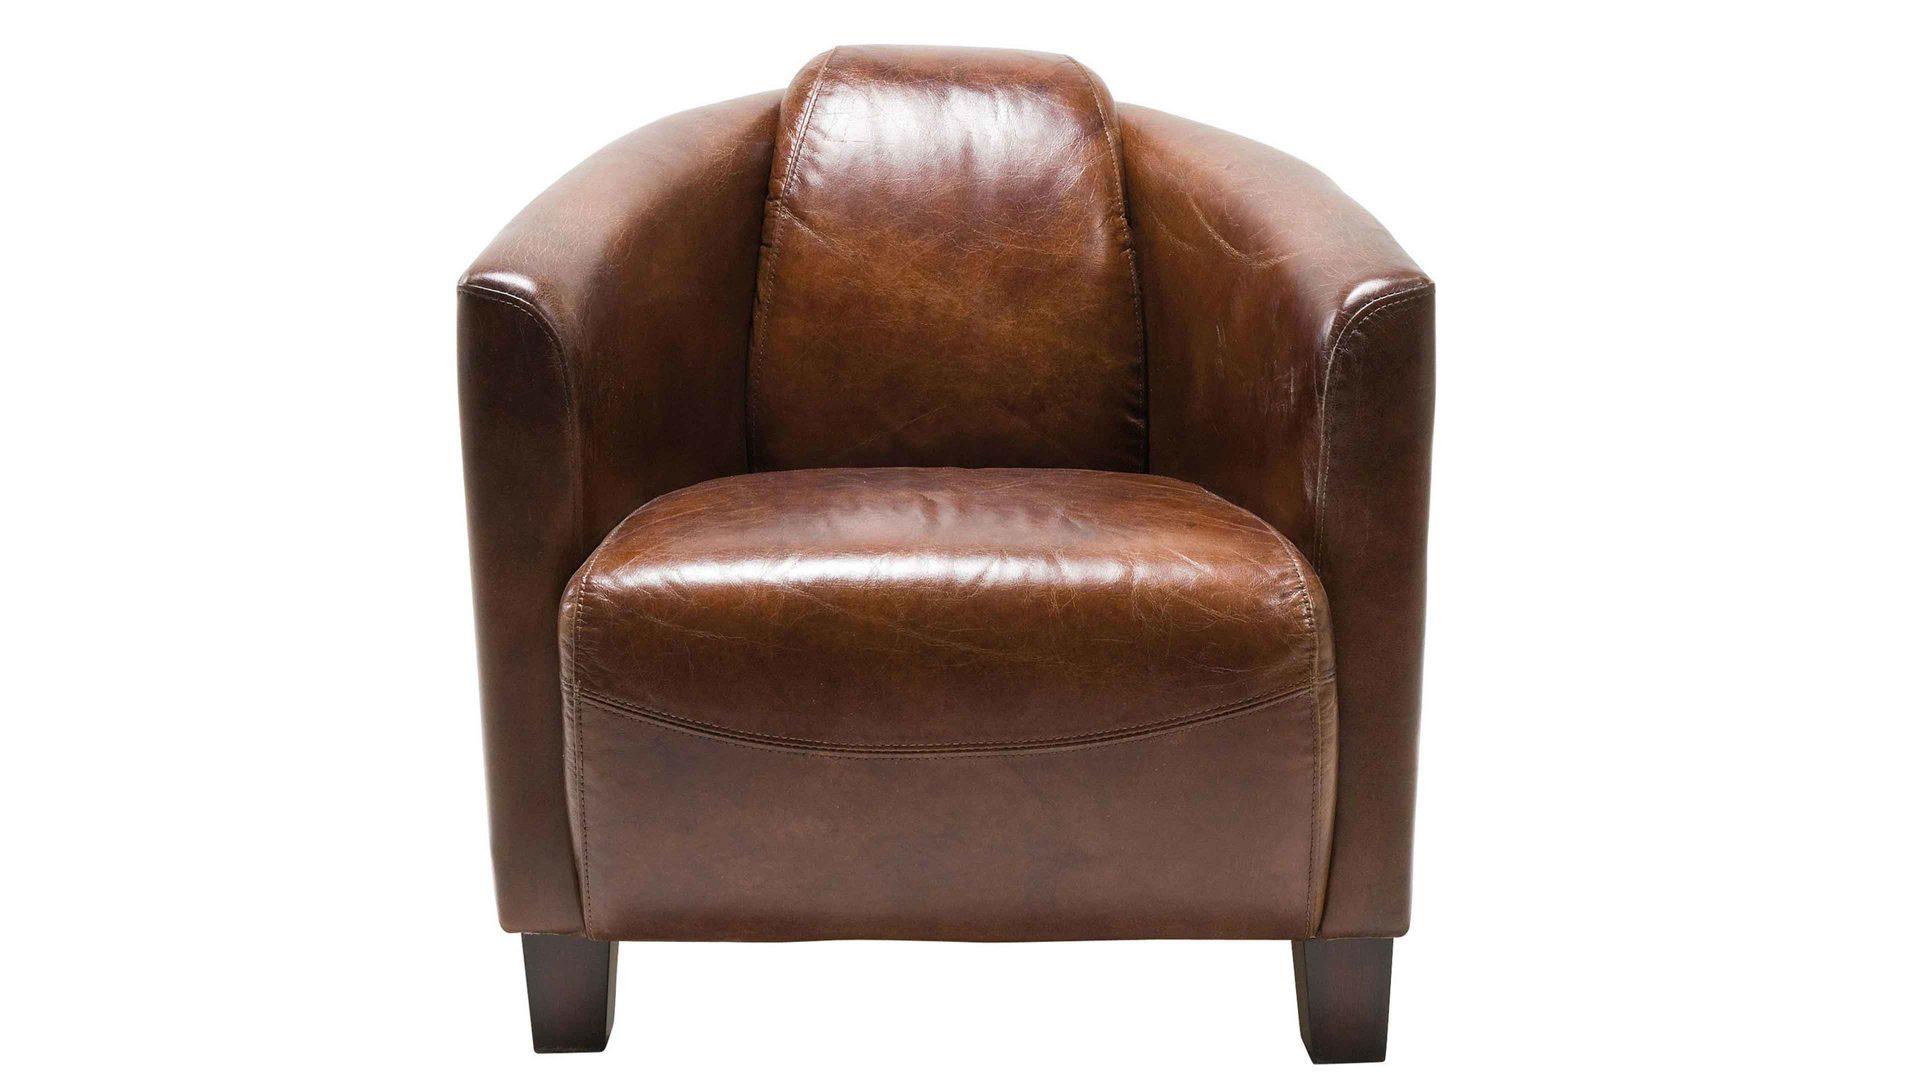 lounge sessel holz leder, wohnland breitwieser , markenshops, alle artikel von kare design, Design ideen